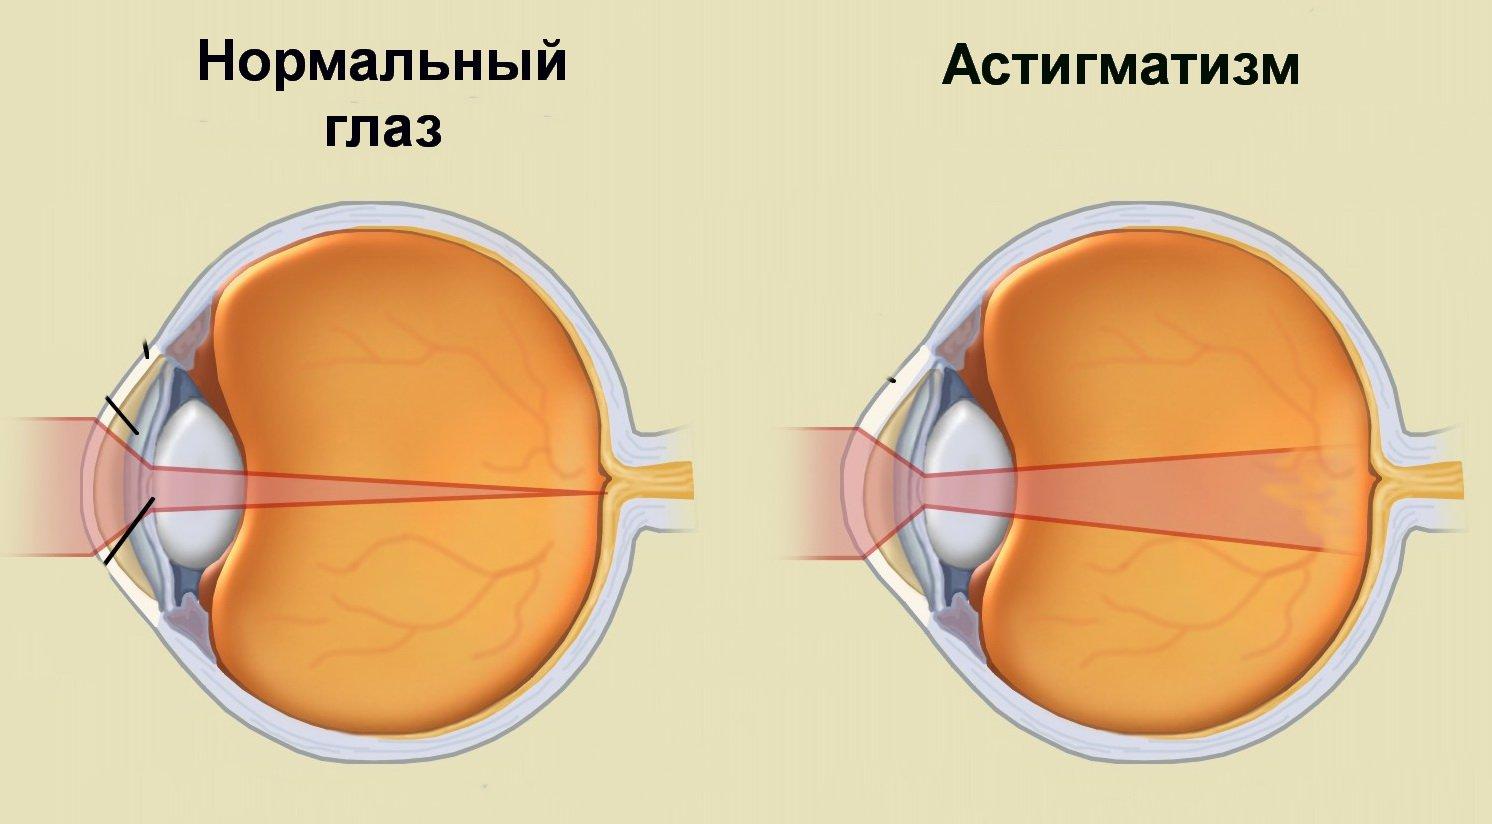 A látás lézeres stimulálása 4 éves gyermekek számára